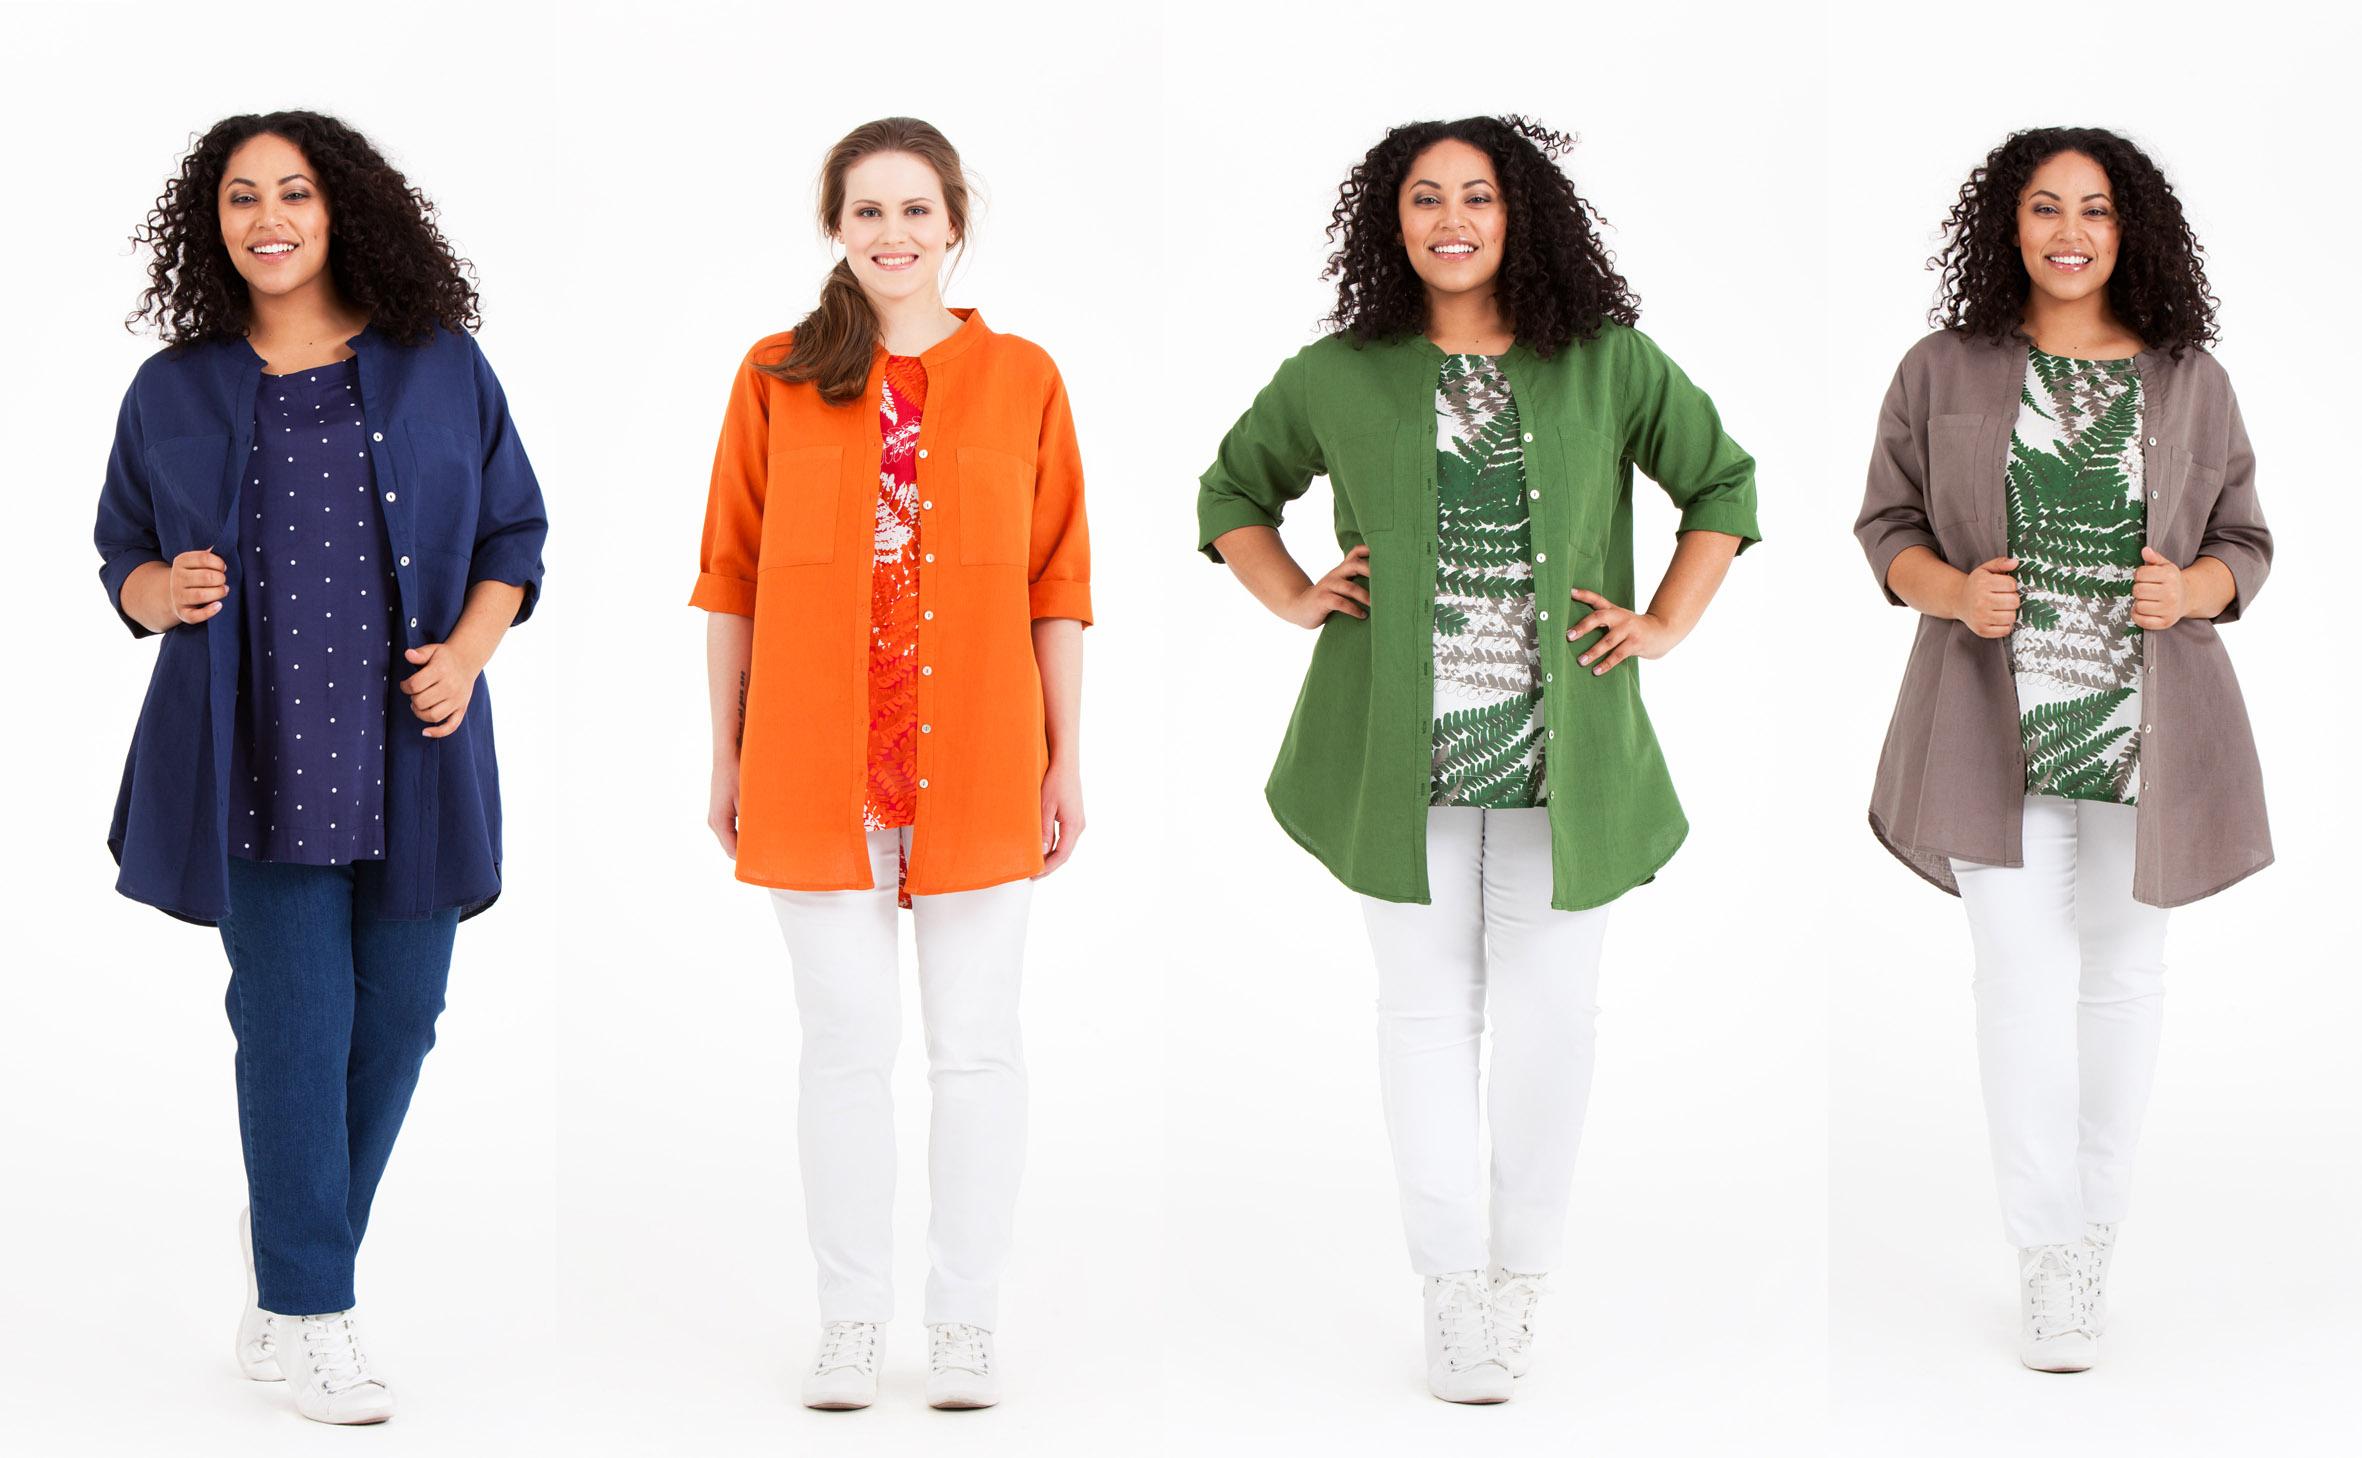 Alva skjorta i 55% bomull och 45% linne passar bra och blir lagom sval till en Olina topp. Finns i orange, grön, mullvad och blå. Pris 699:-